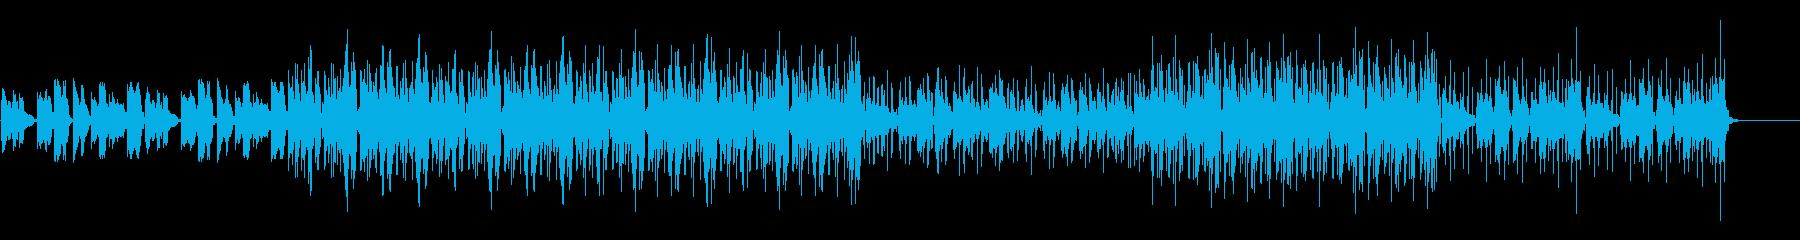 クールなエレピでスタイリッシュなポップスの再生済みの波形